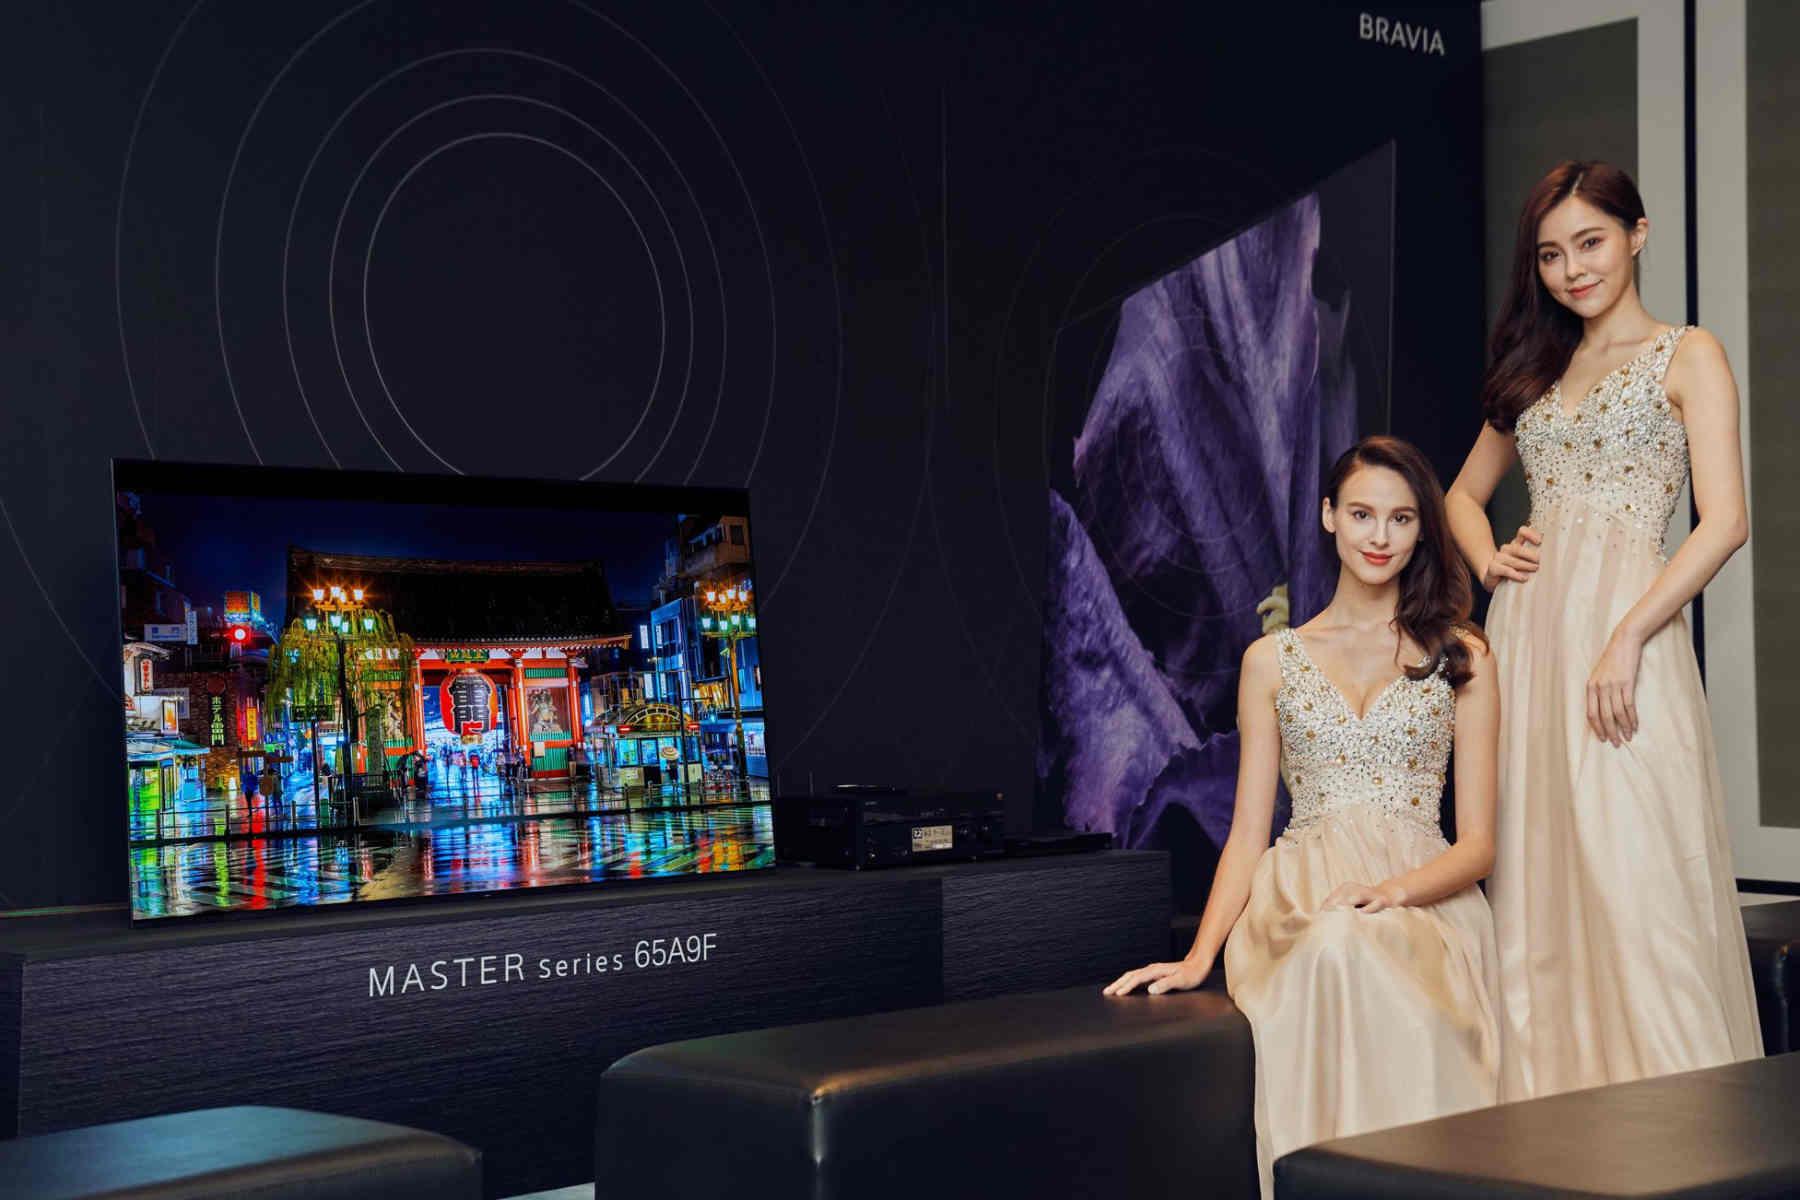 Xiaomi phế truất Sony trở thành hãng TV lớn thứ 5 thế giới